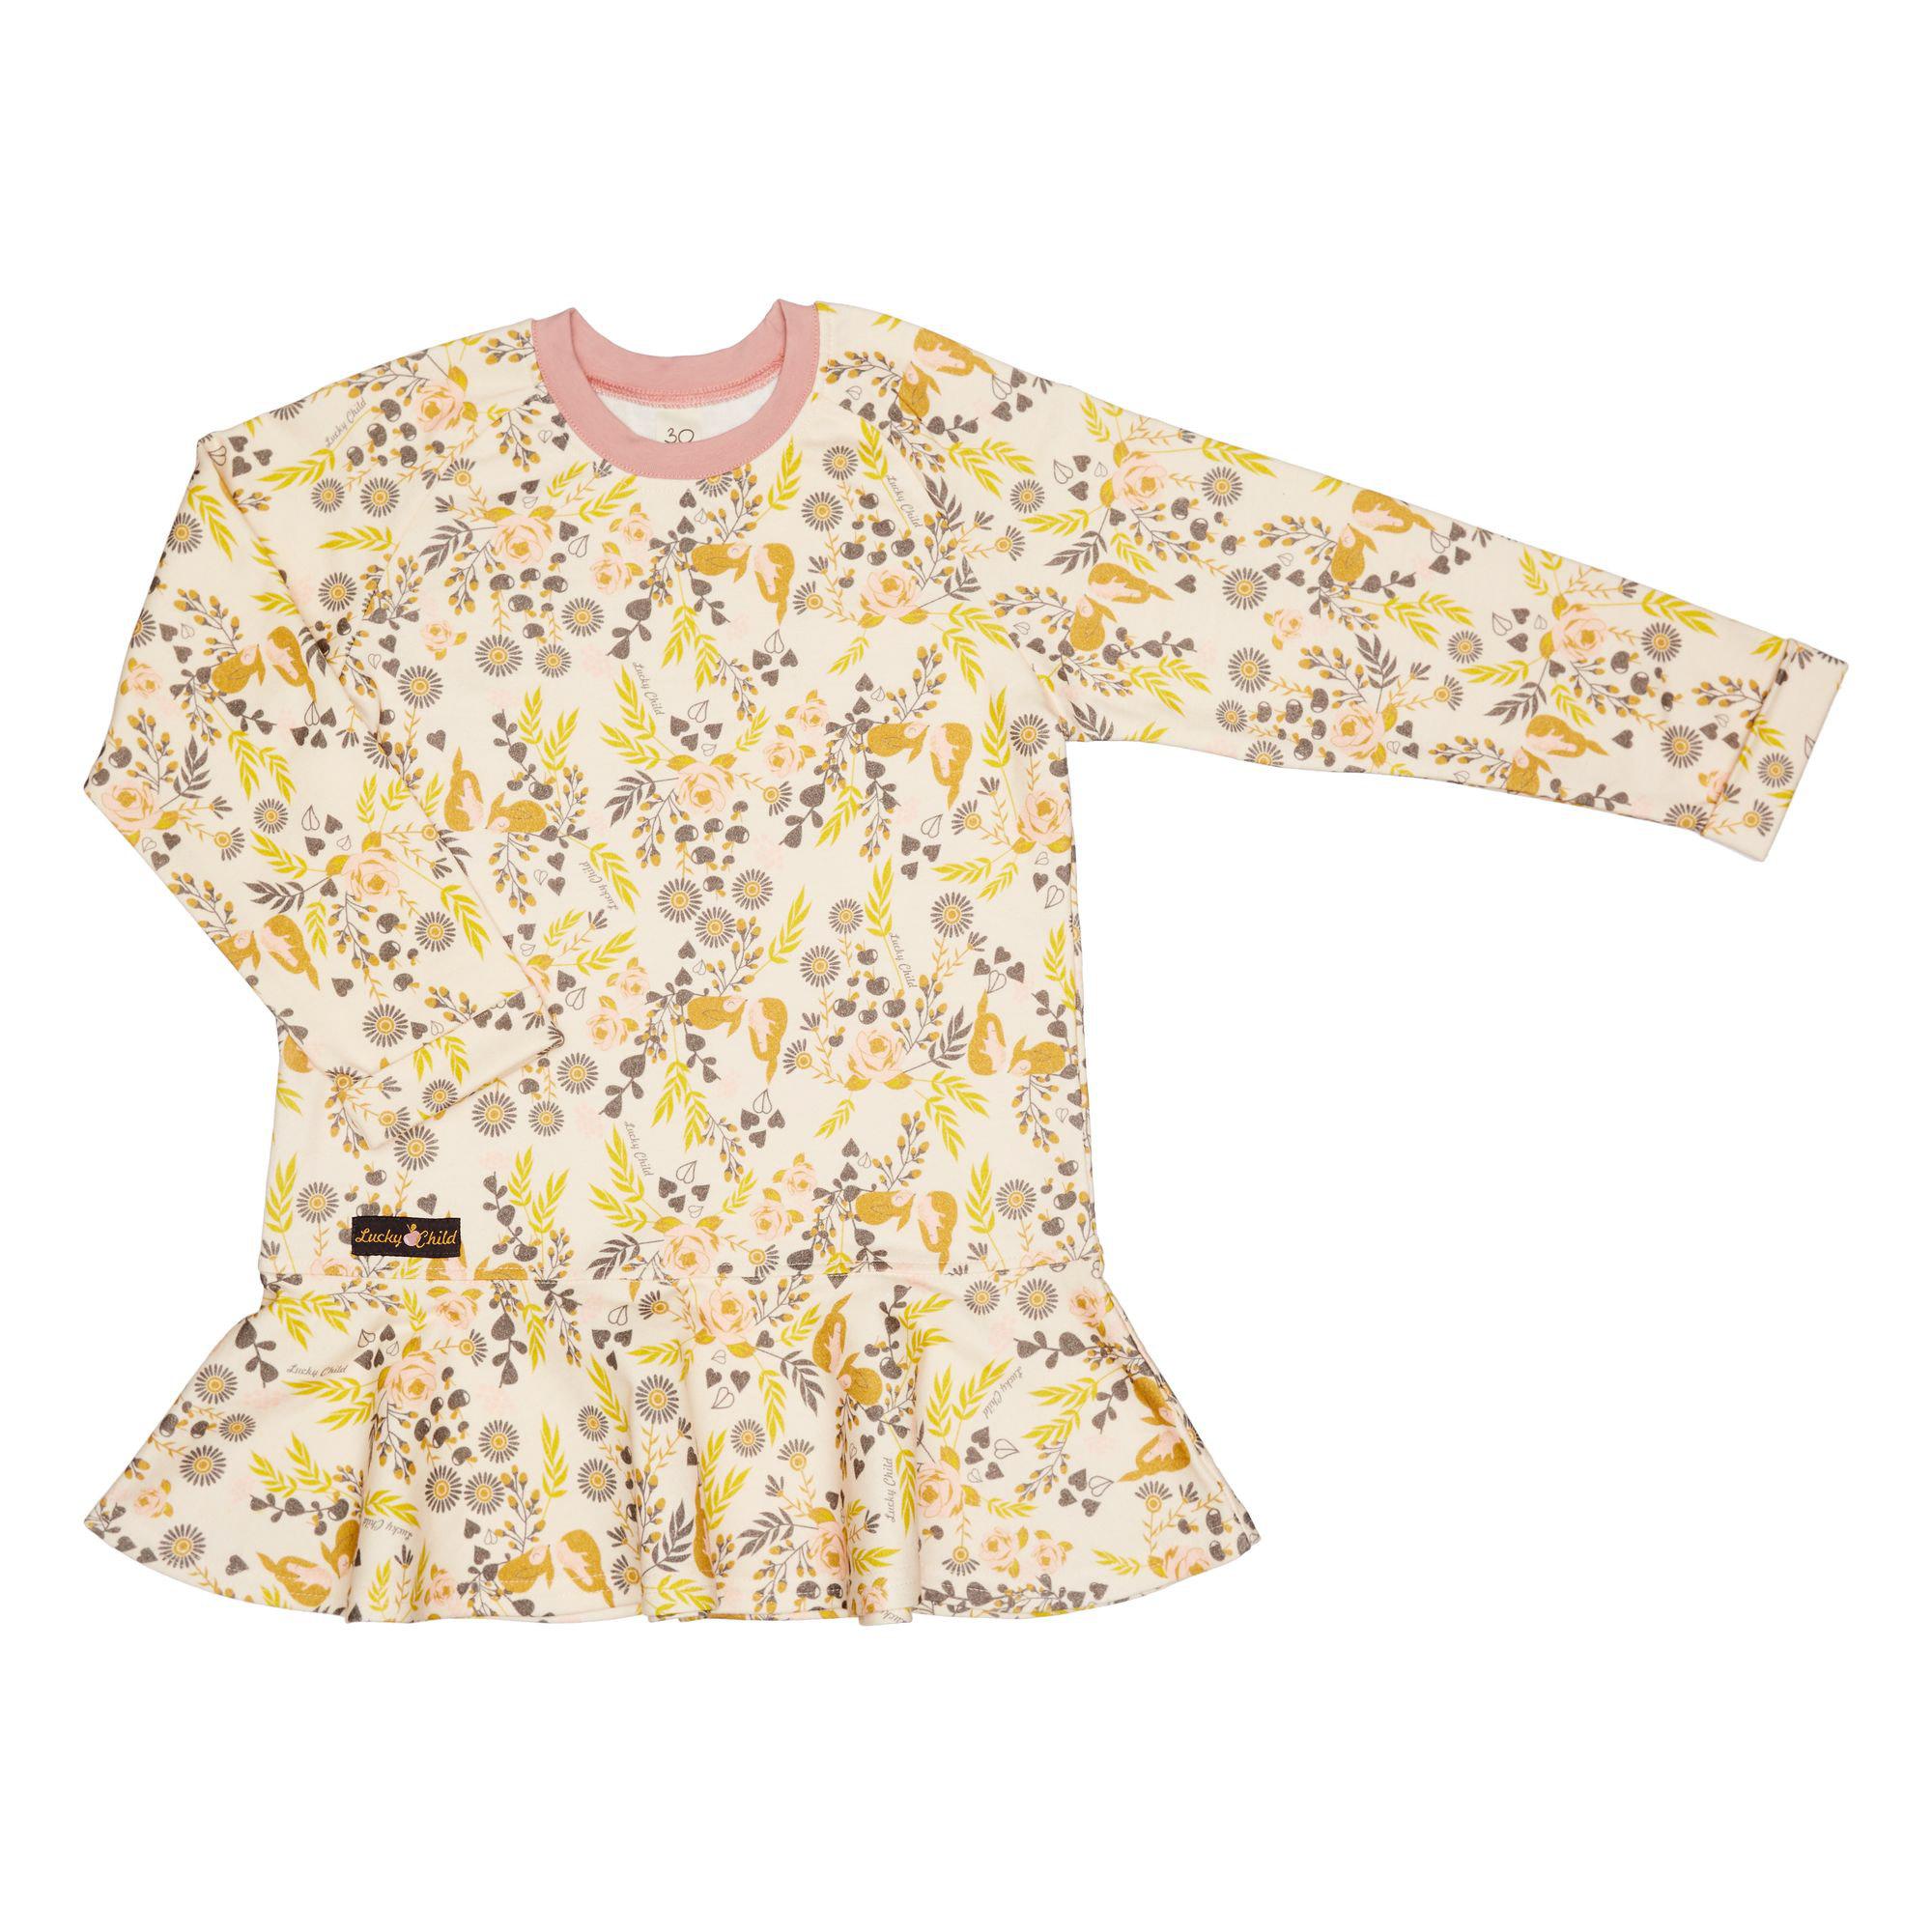 Платье Lucky Child Осенний лес футер цветное 116-122